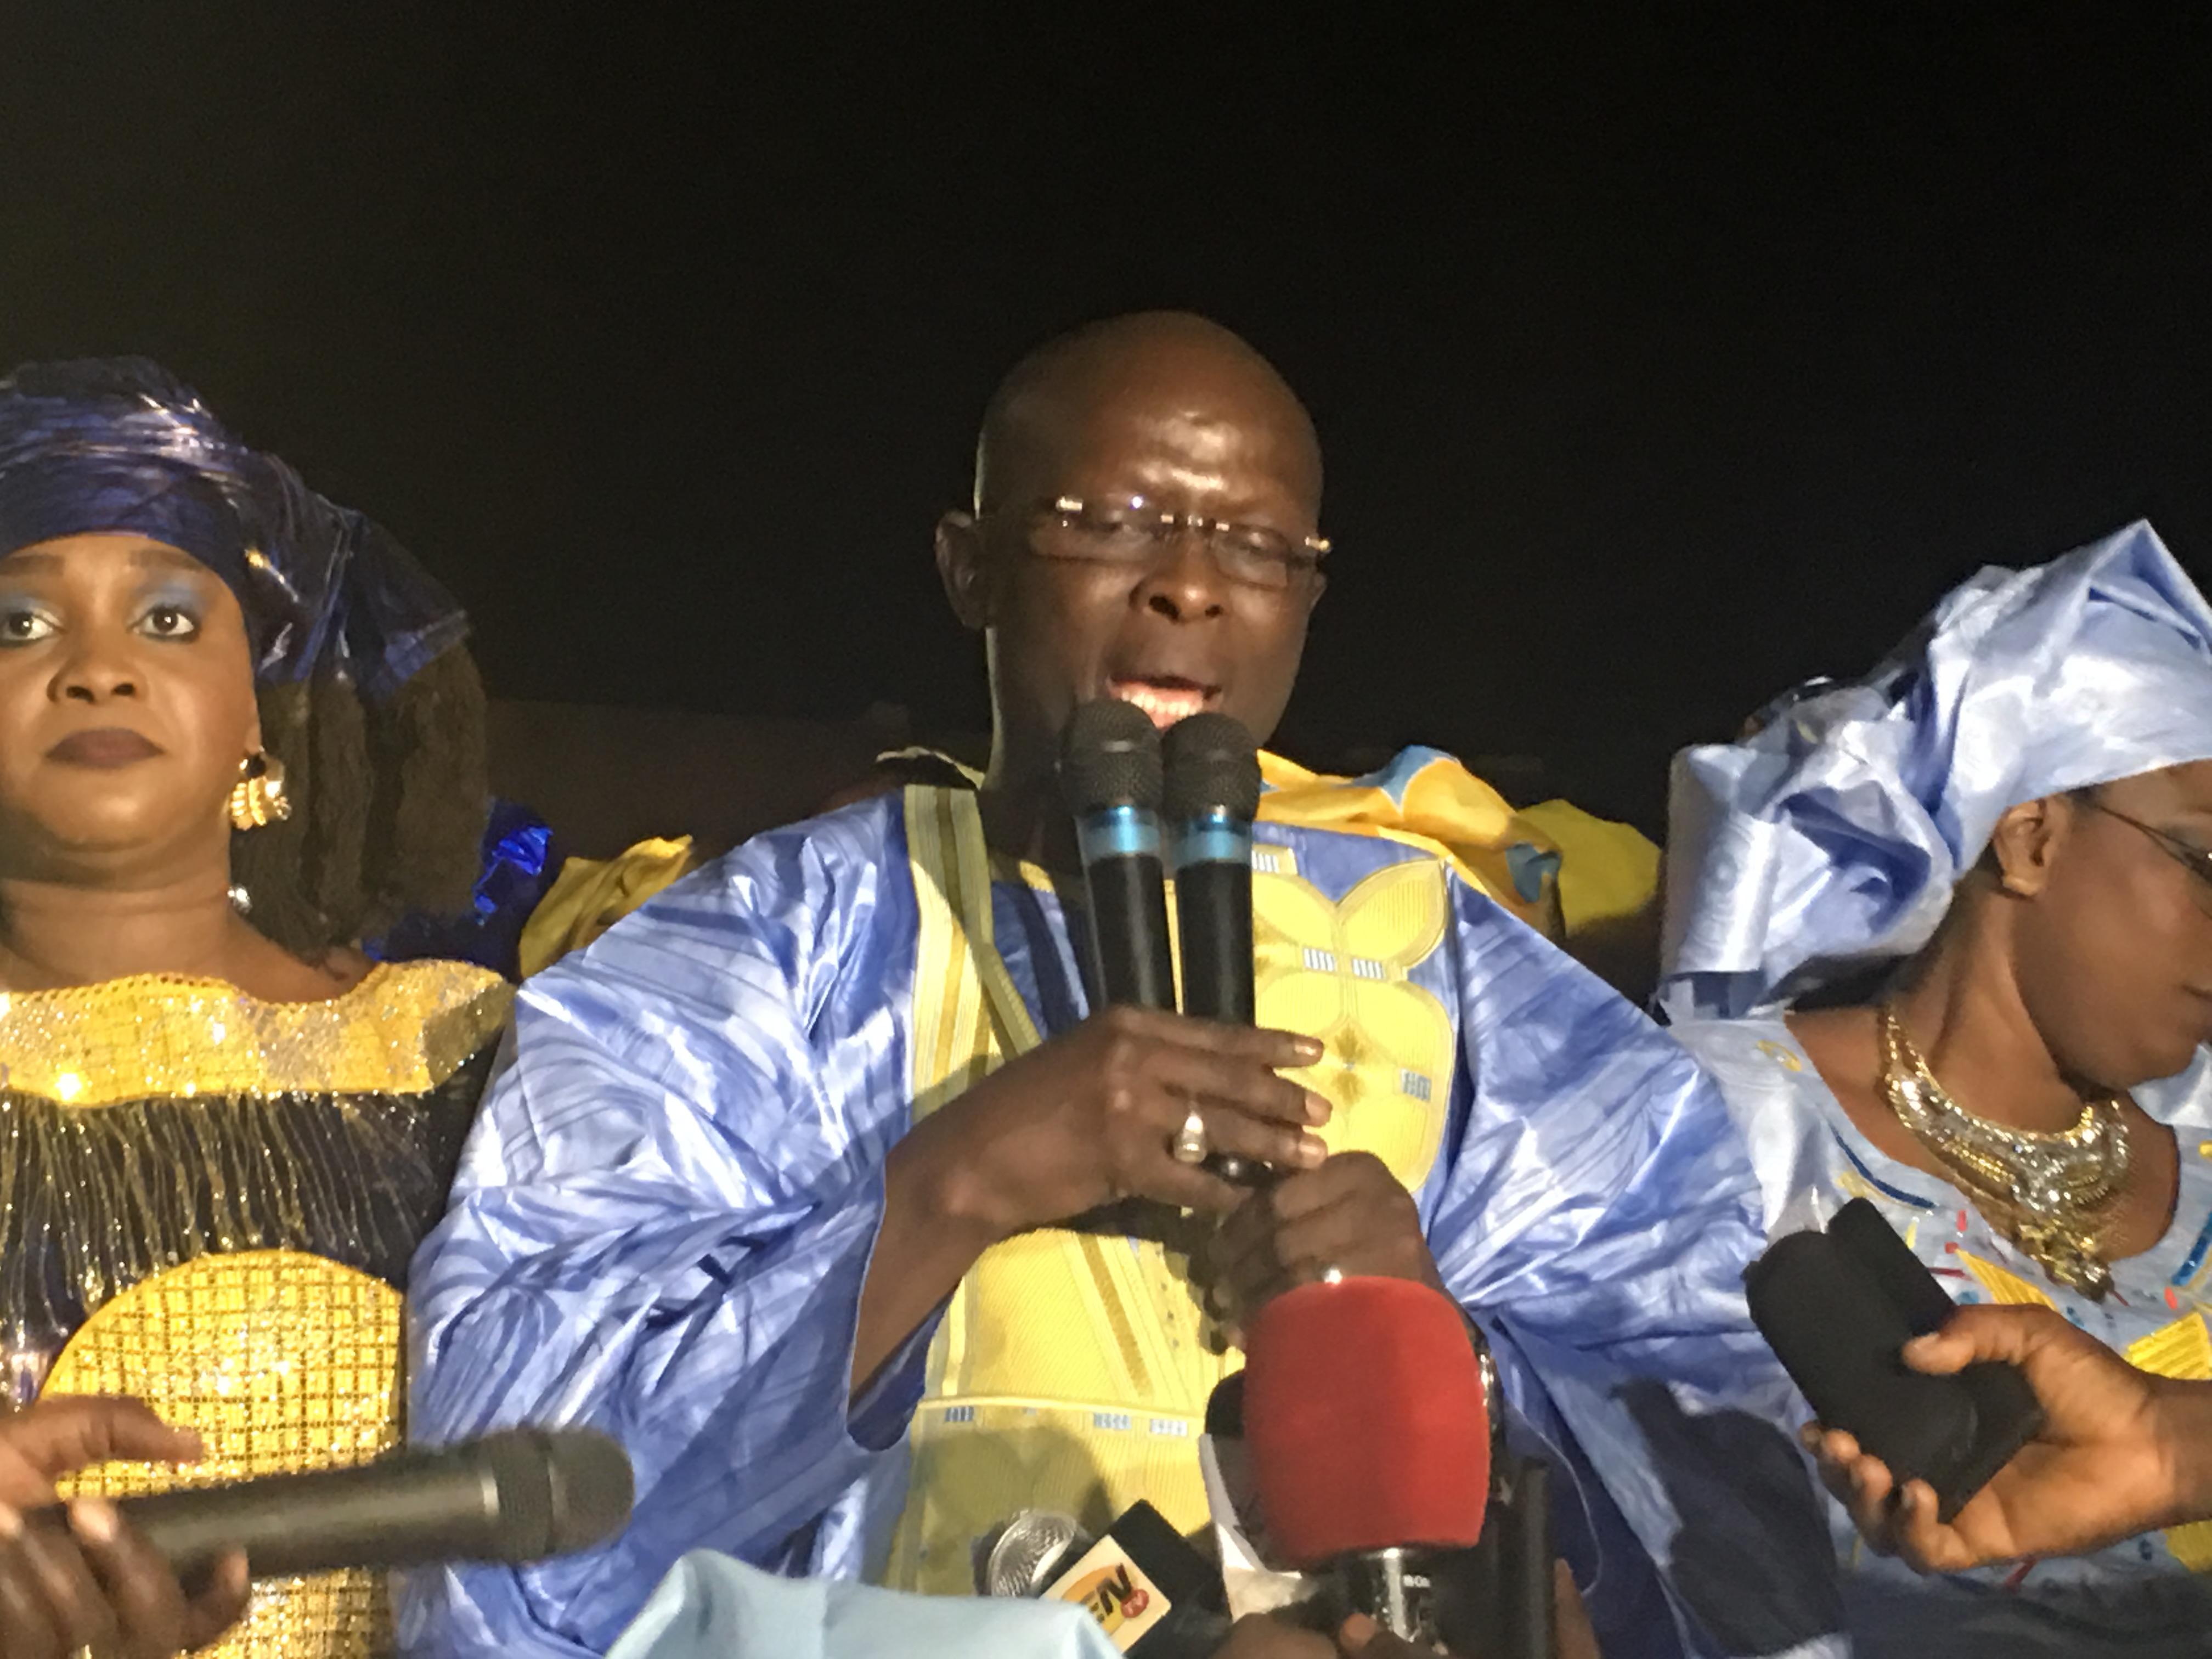 Modou Diagne Fada : « Oumar Sarr et Cie ne peuvent pas mobiliser 10 femmes (…) Oumar Sarr a tremblé devant l'huissier que j'ai envoyé. C'est un homme indigne! »